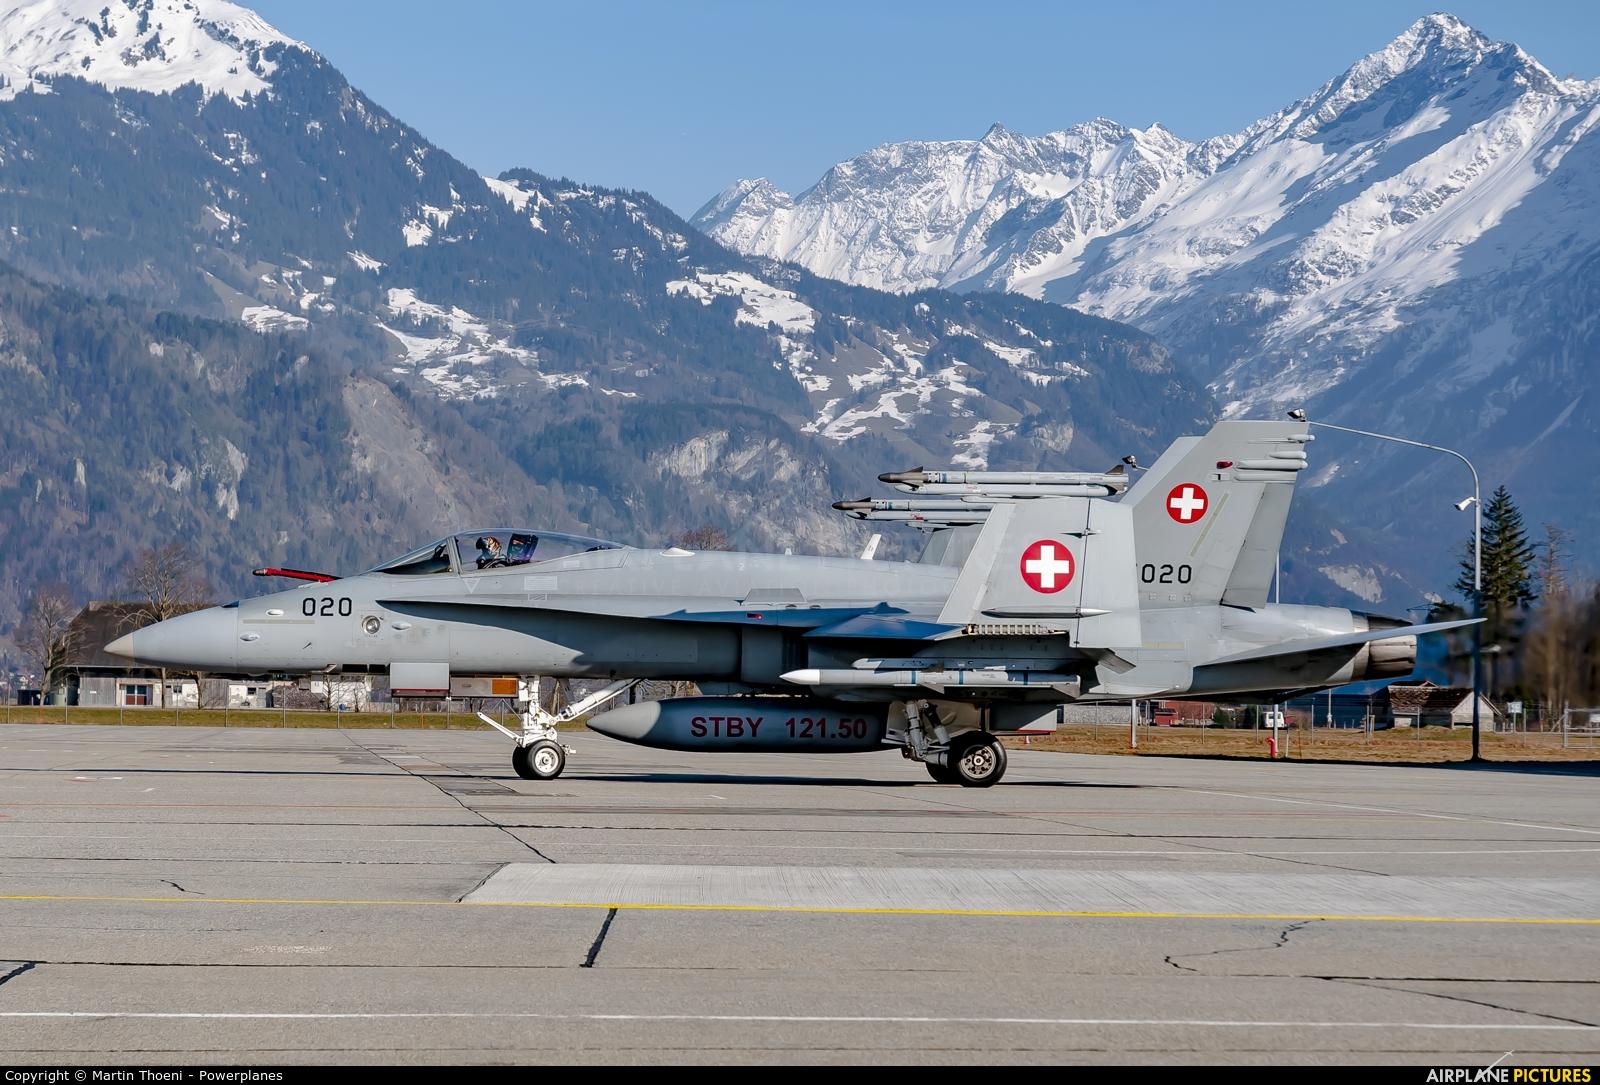 Switzerland - Air Force J-5020 aircraft at Meiringen